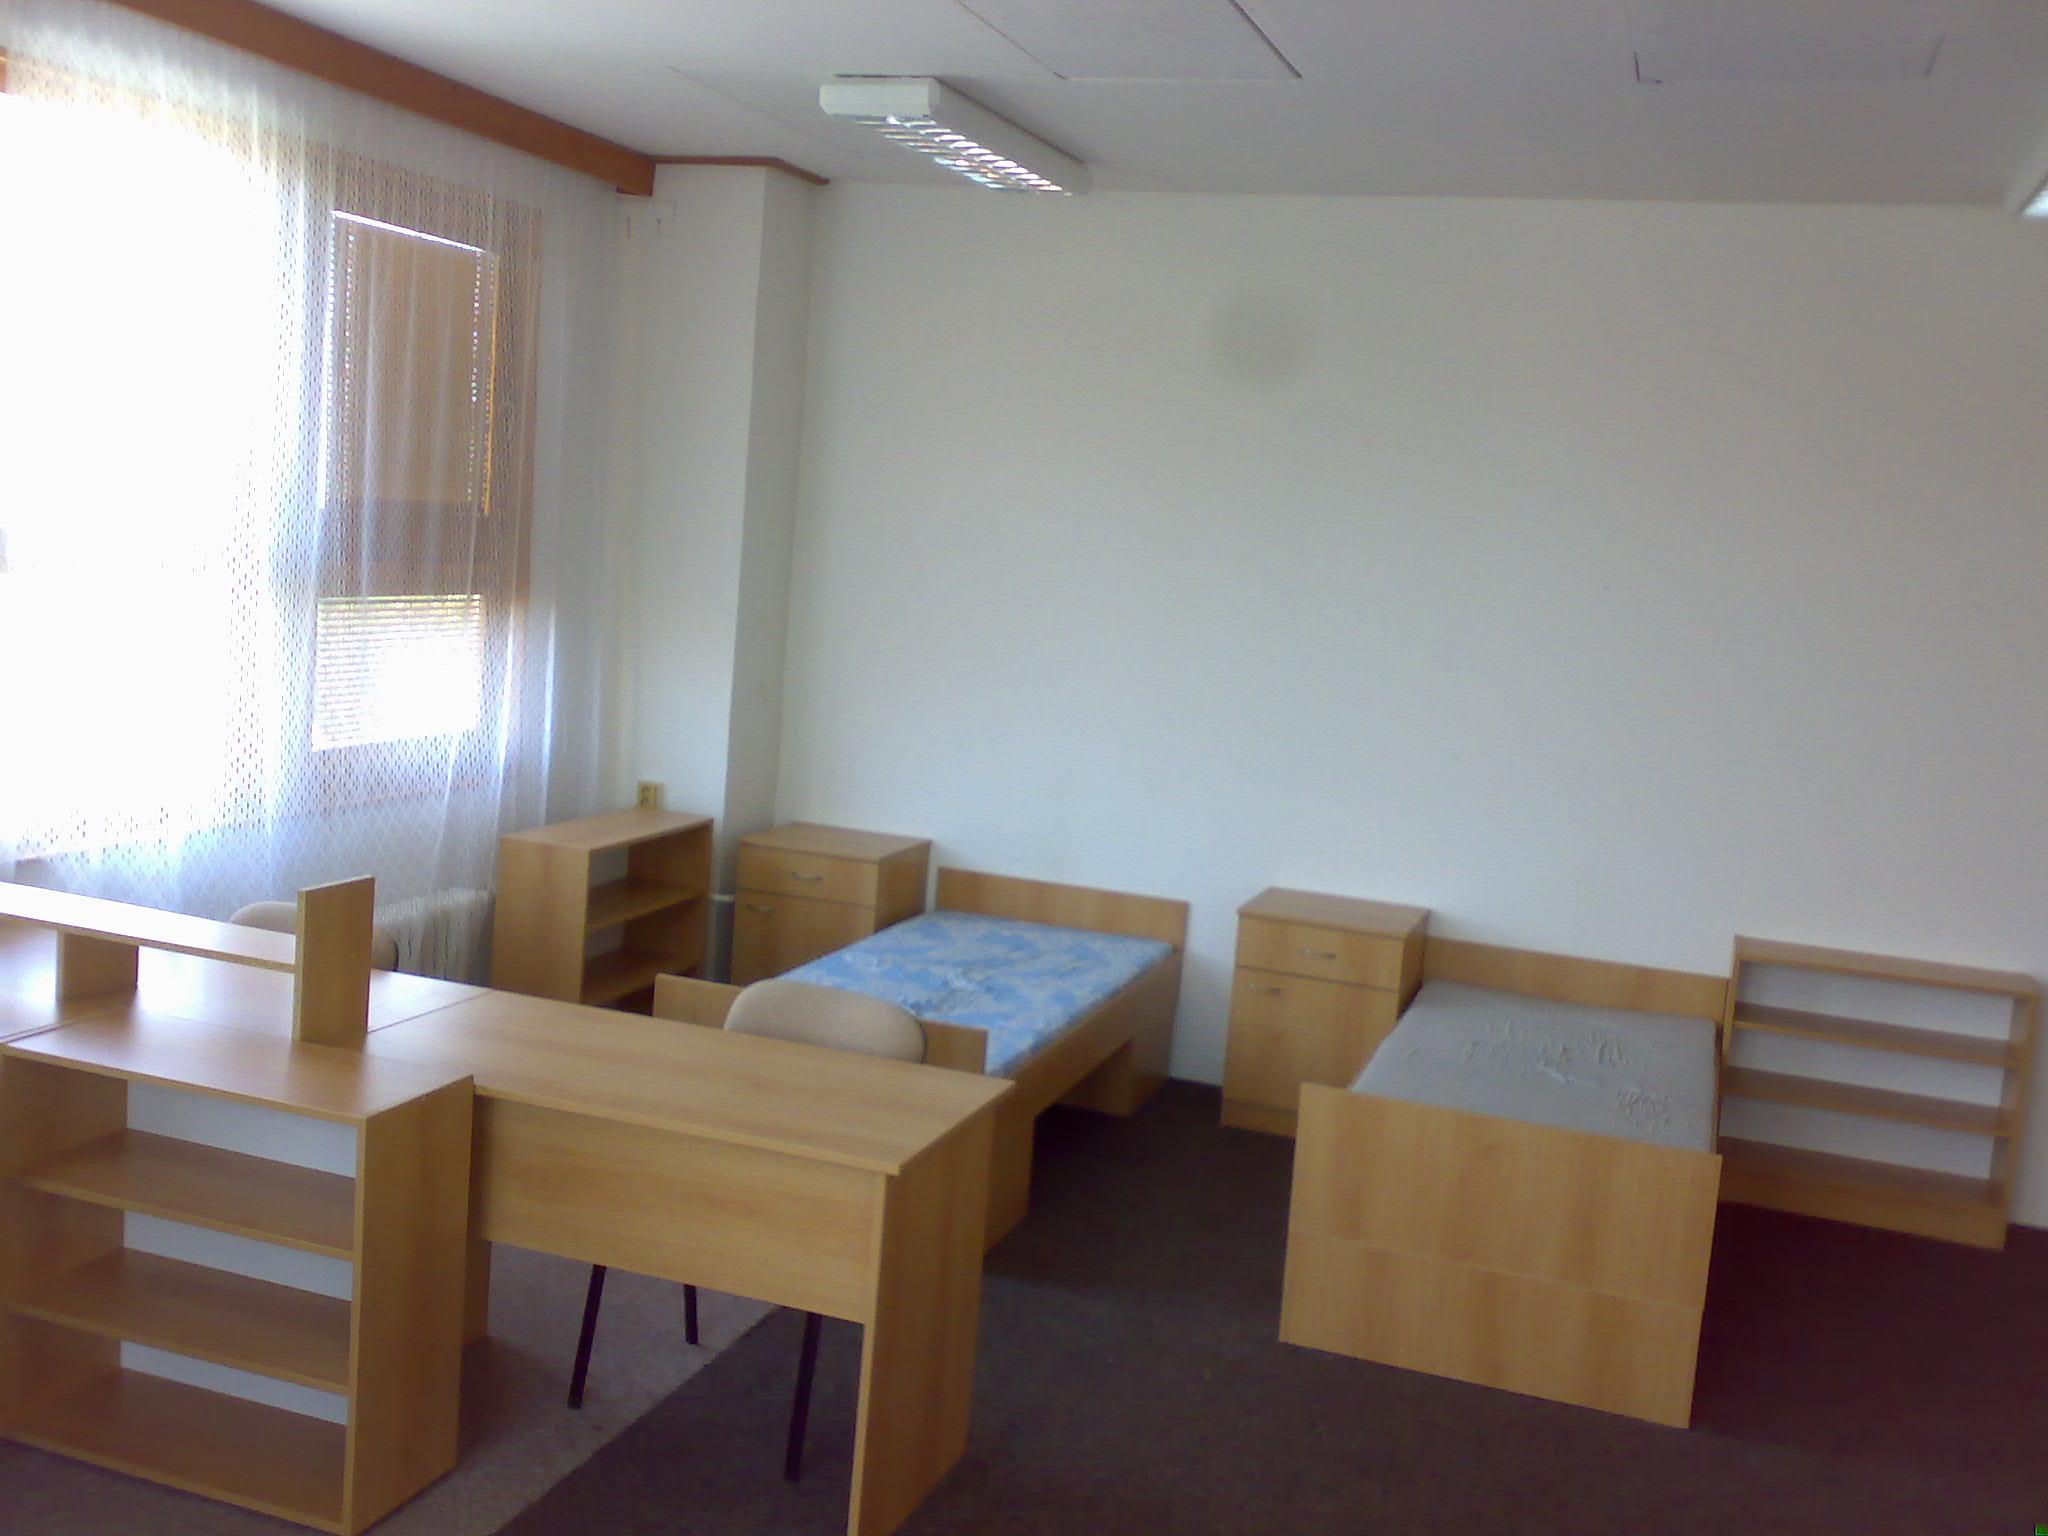 Bydlení, pronájem pro studenty, studentské pokoje Olomouc